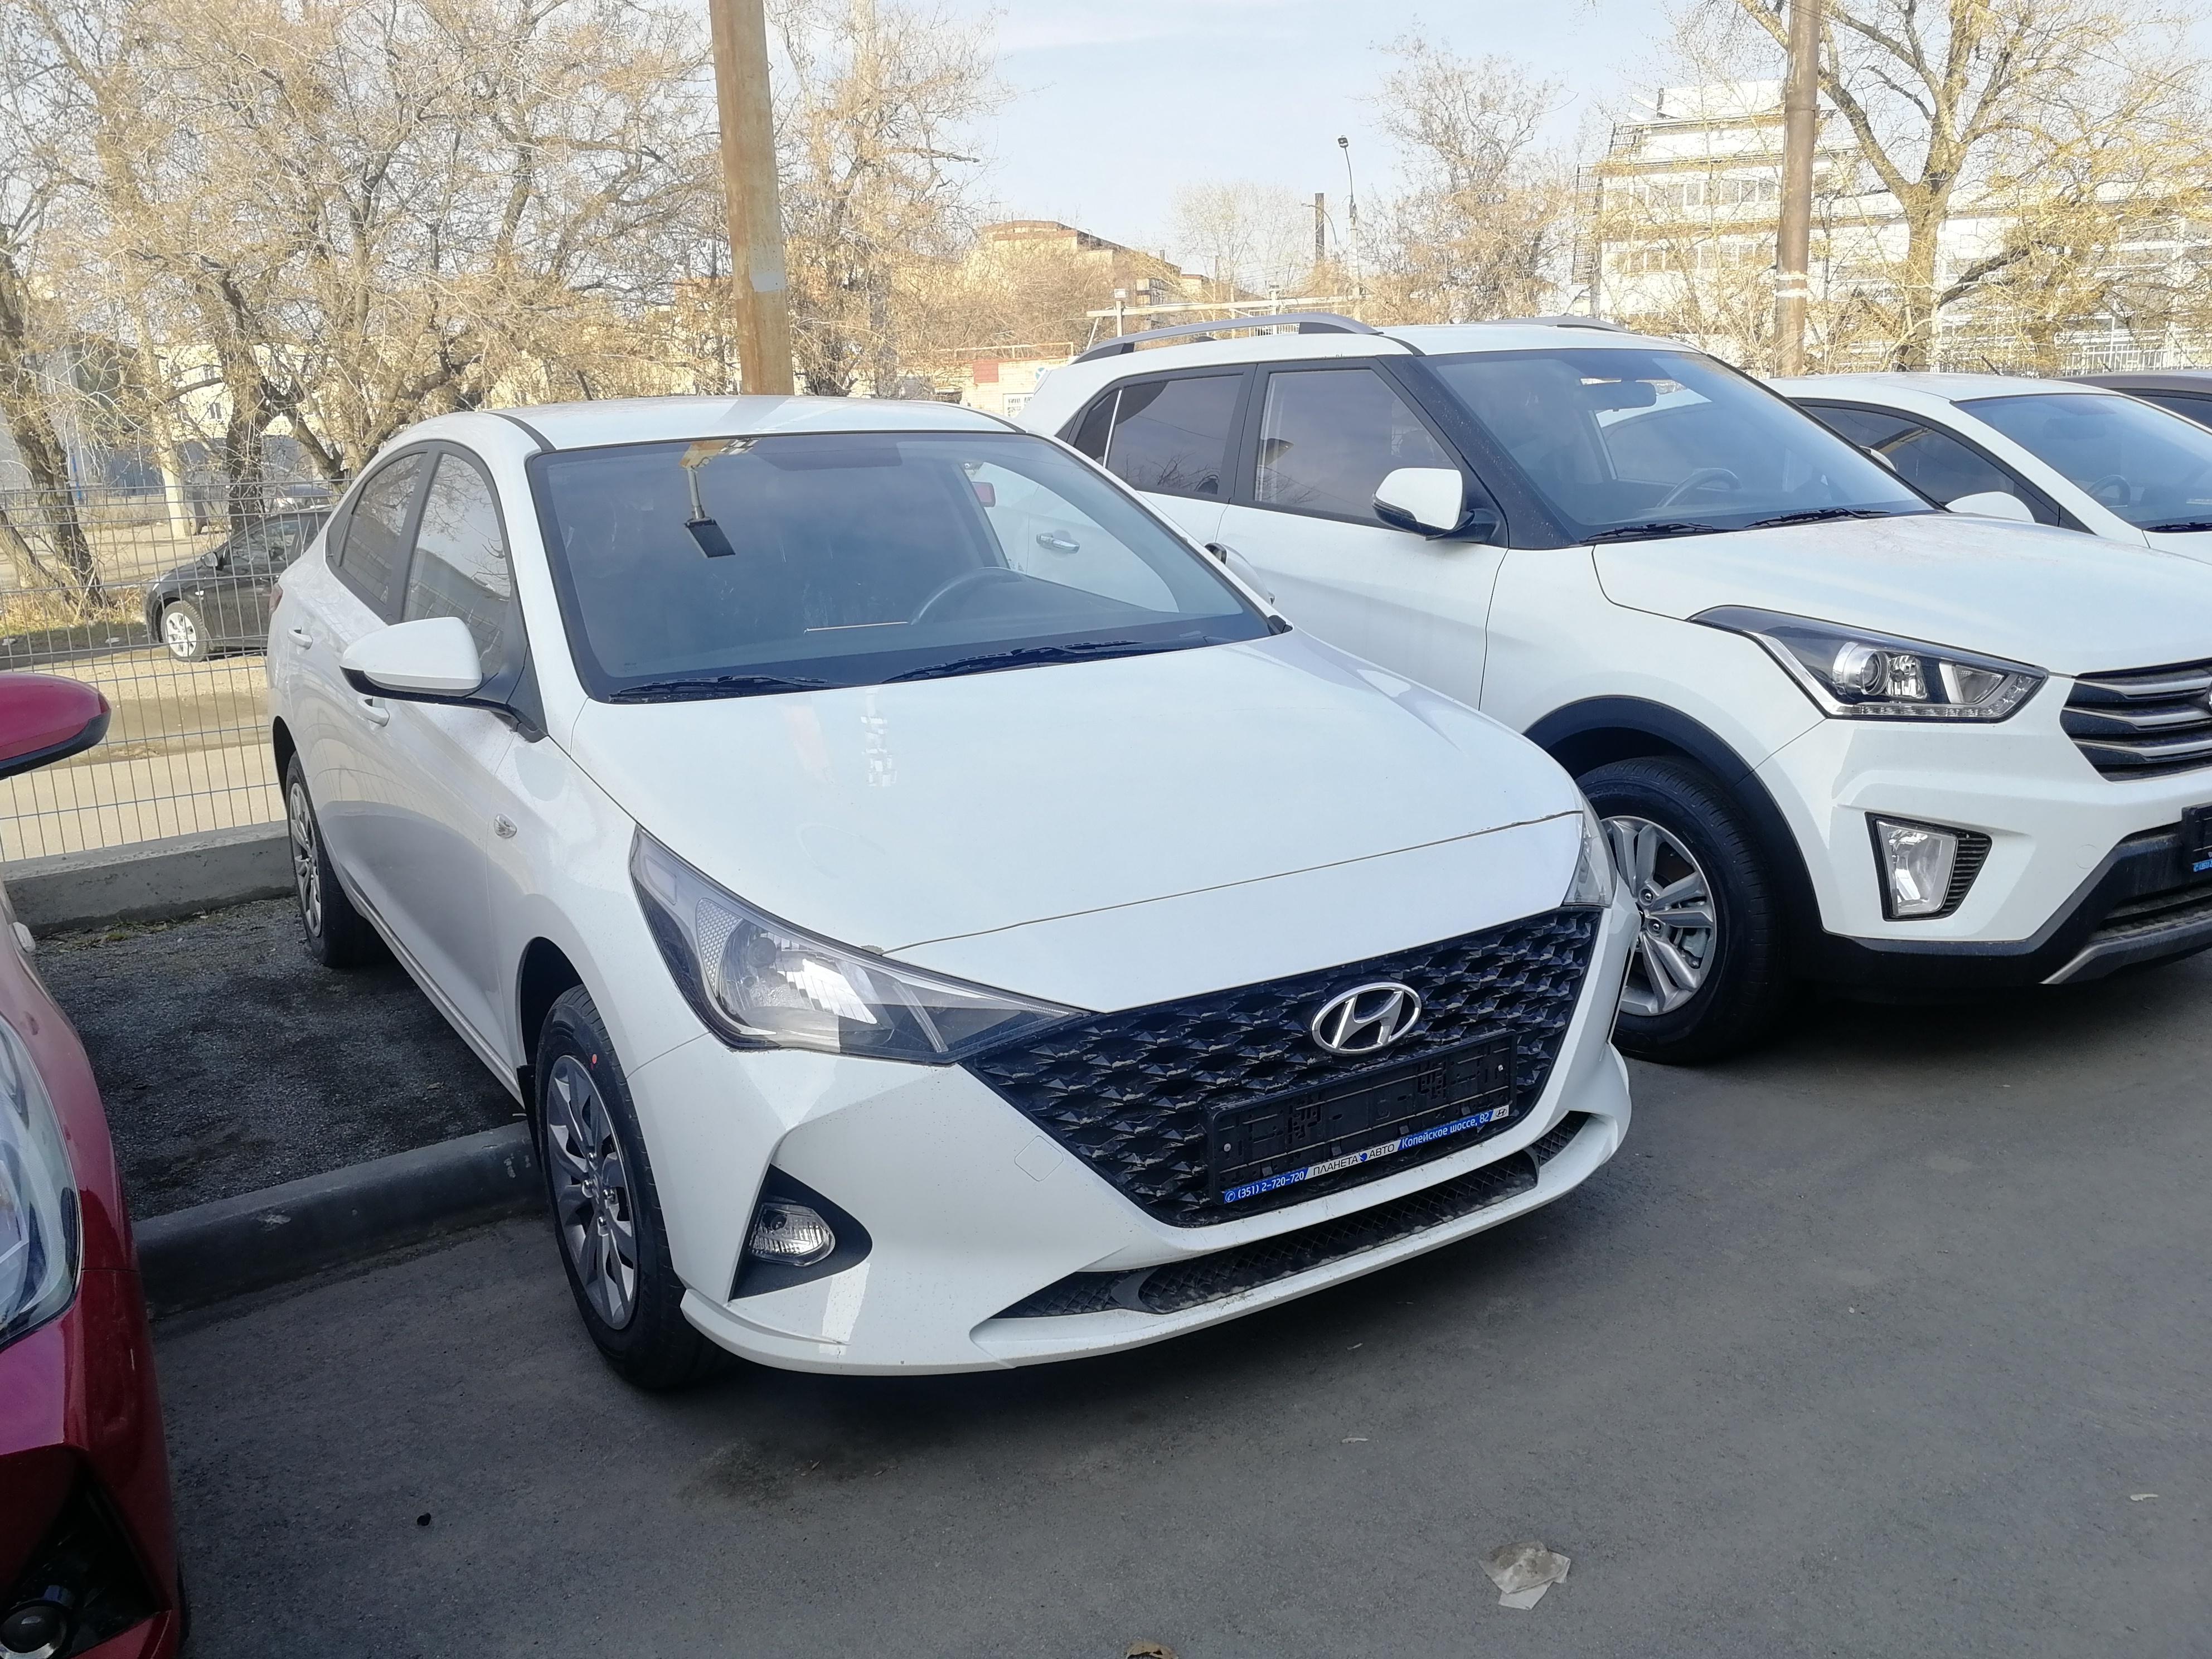 Hyundai Новый Solaris 1.6 MT (123 л.с.) Active Plus